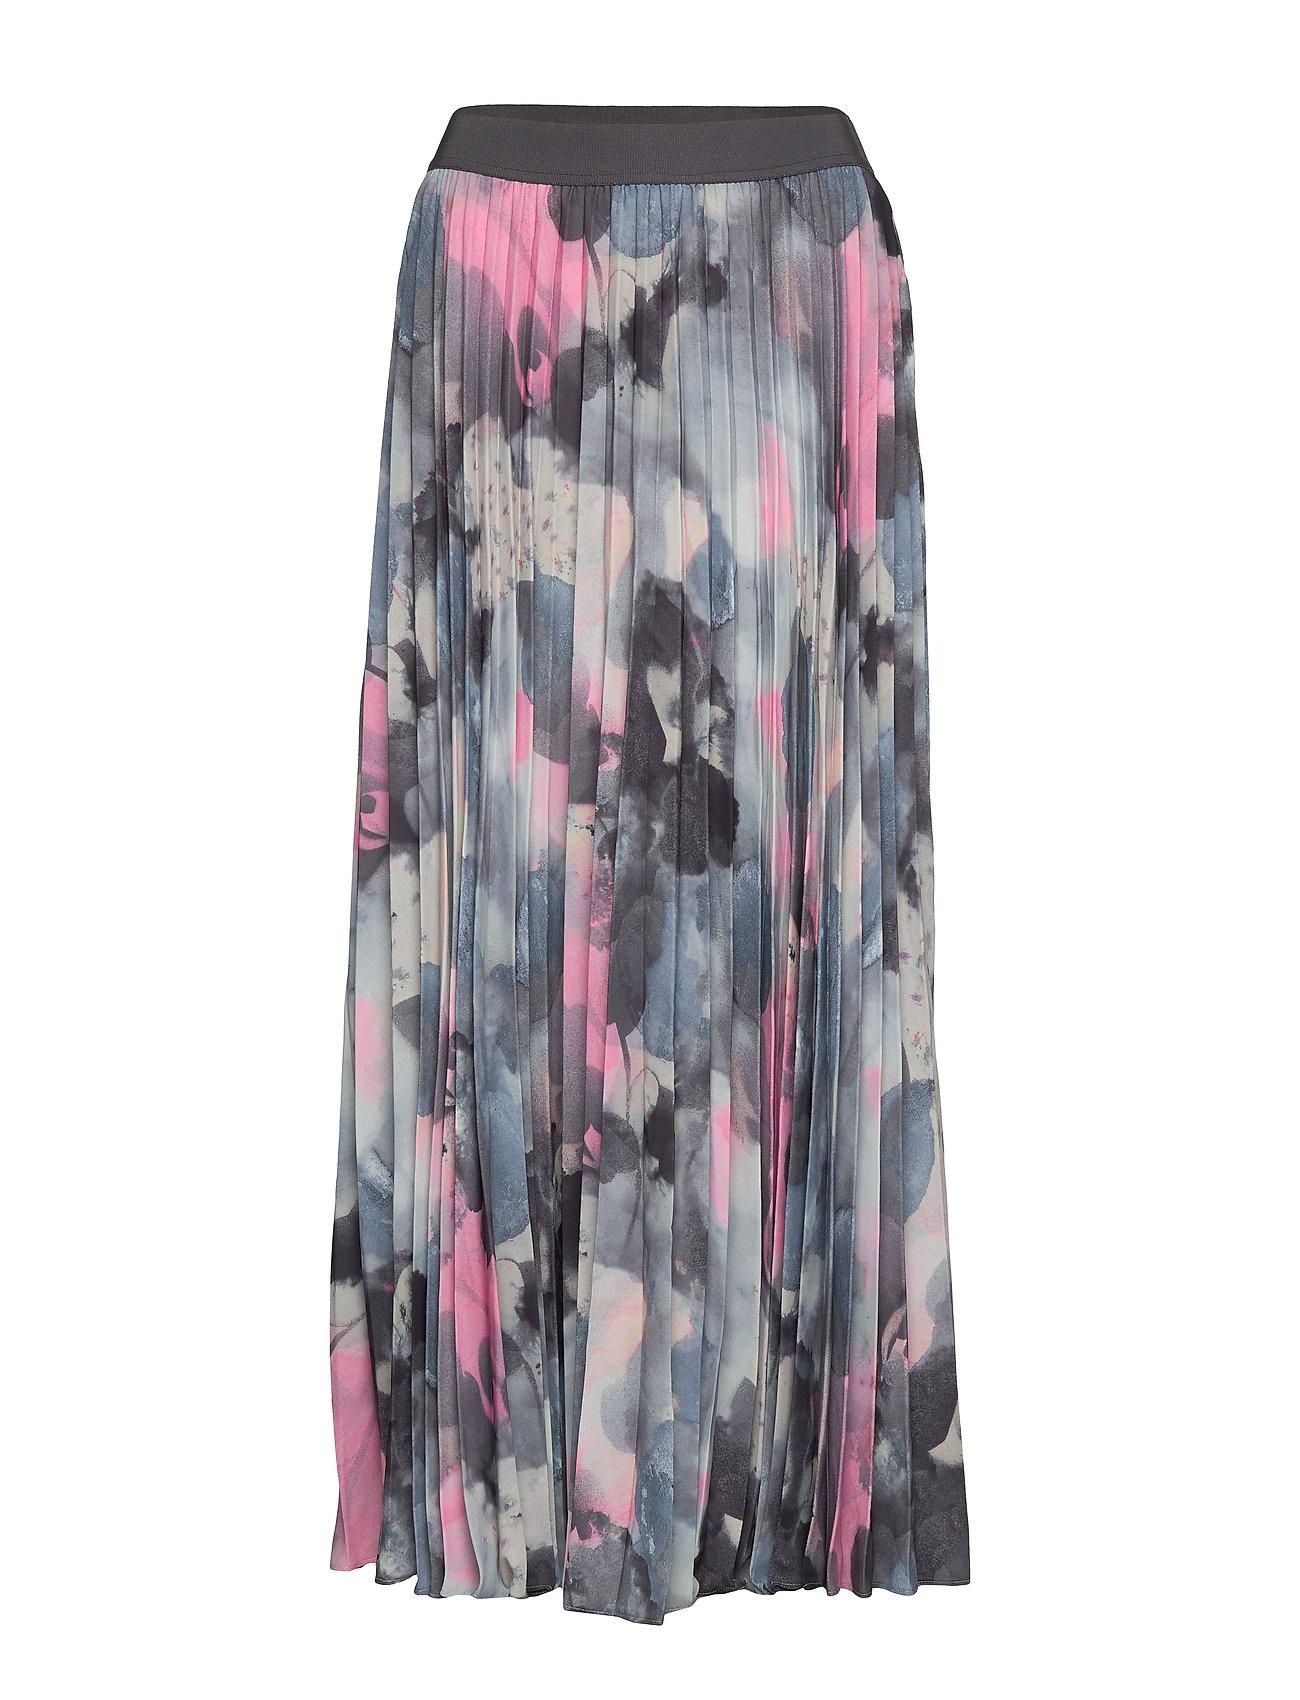 InWear IW50 35 NaomiIW Skirt - STORMY SKY